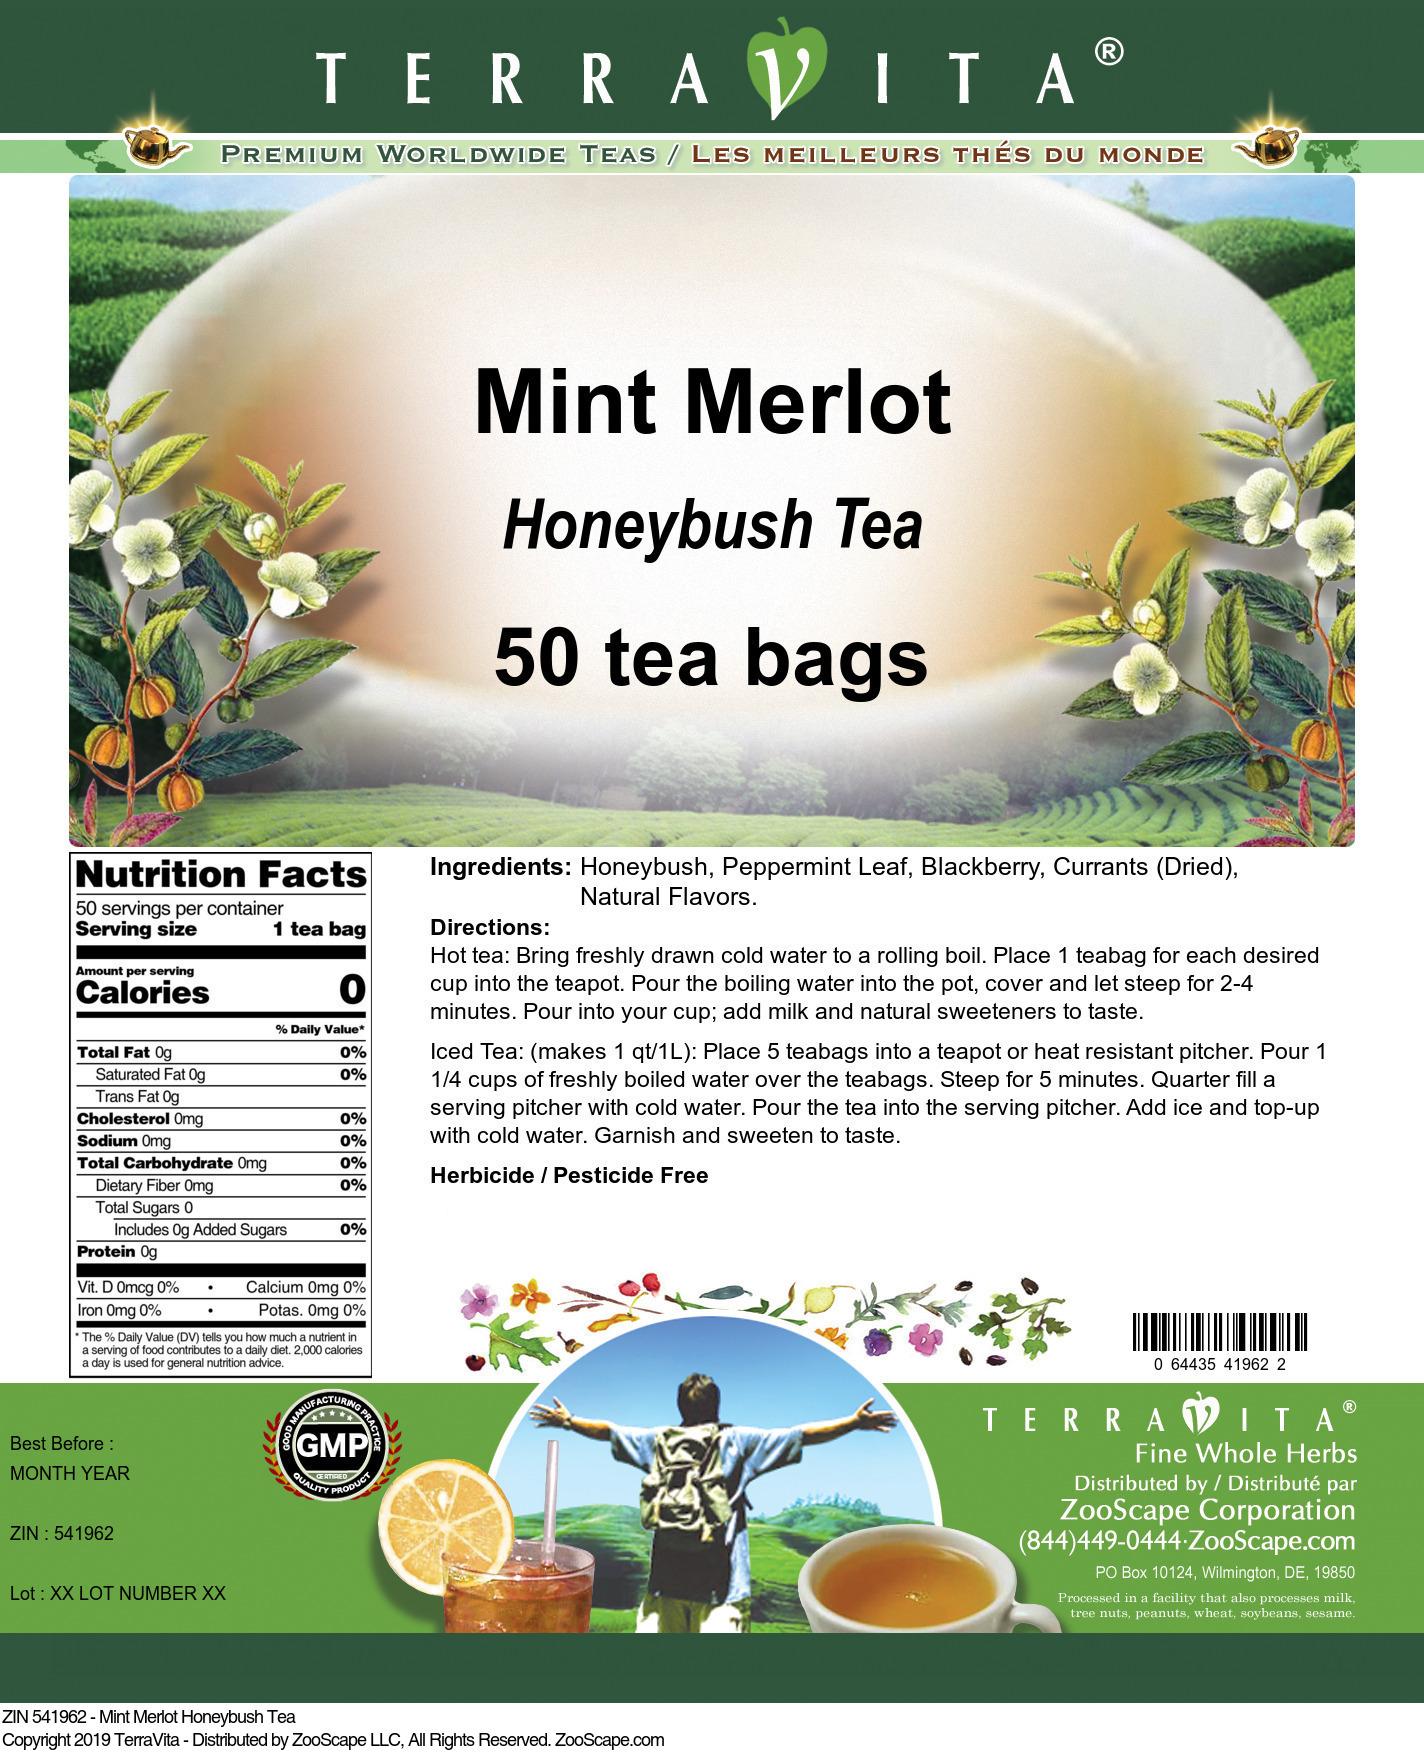 Mint Merlot Honeybush Tea